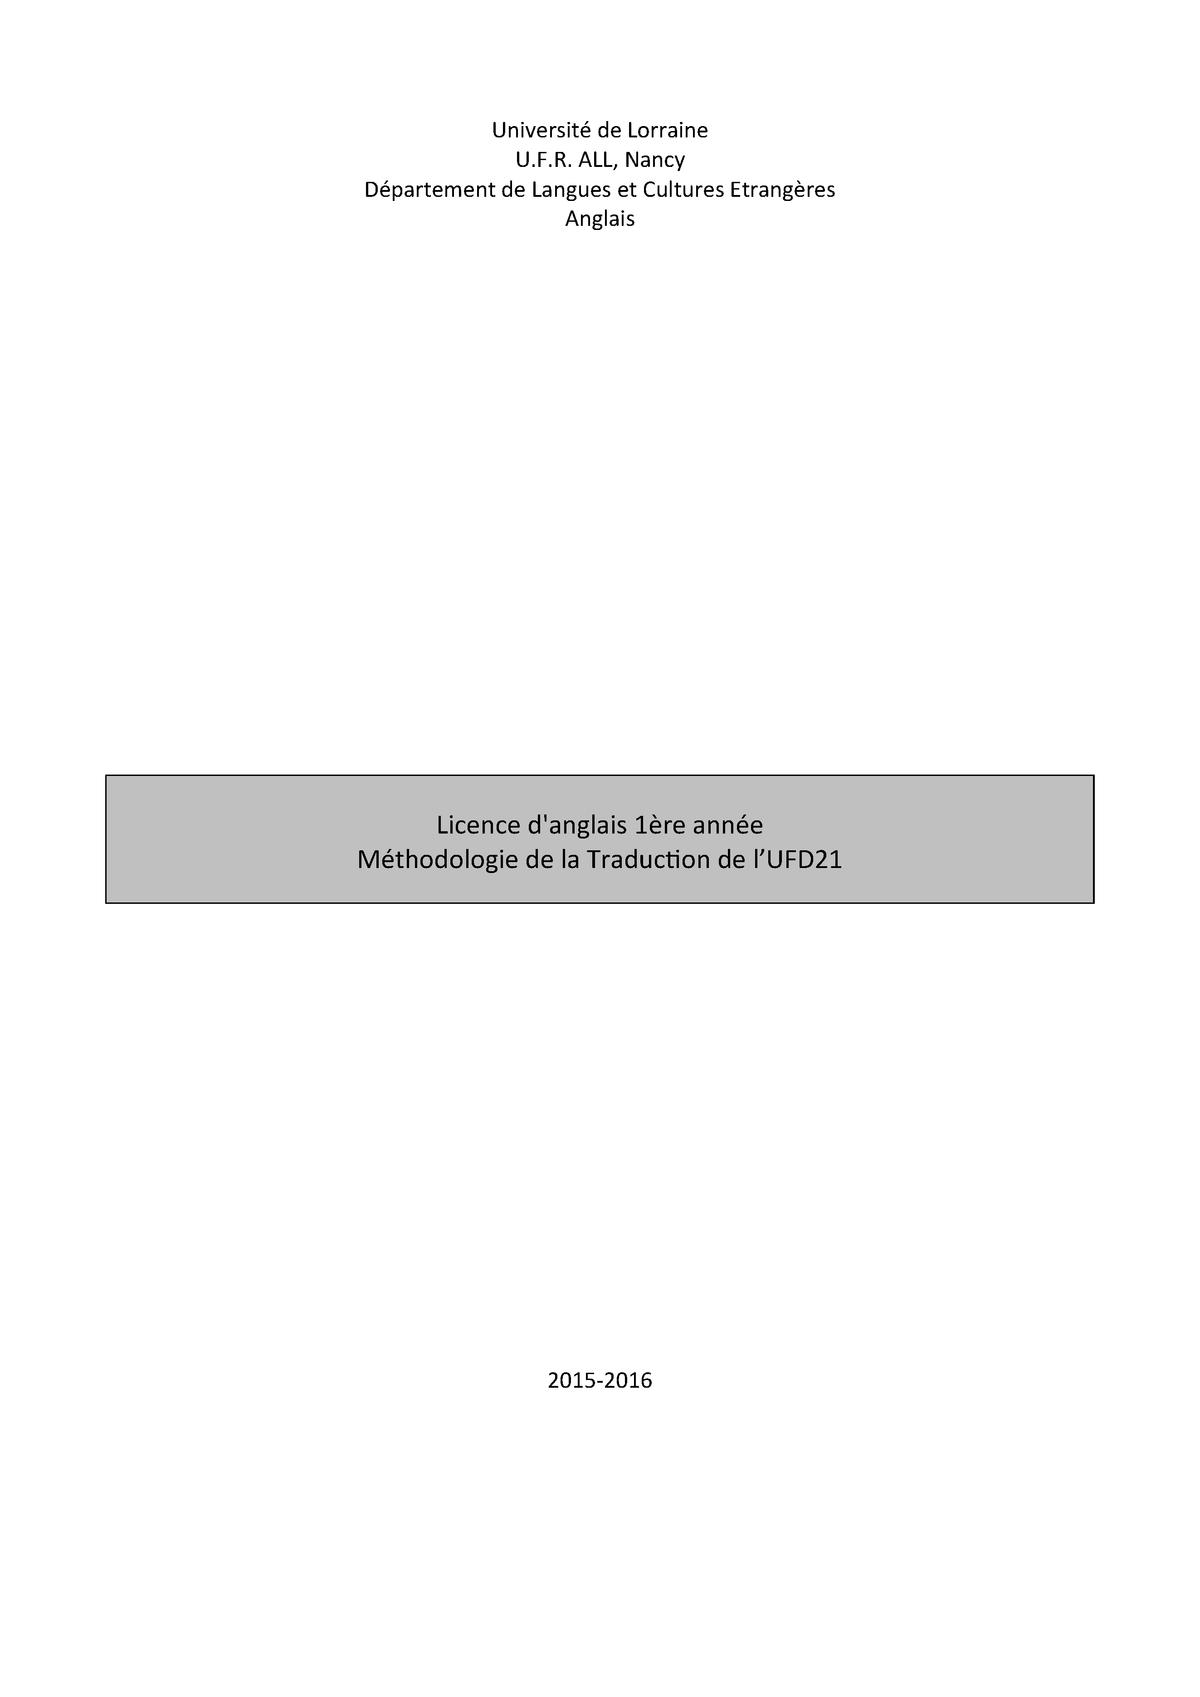 Course Traduction Studocu Studocu Anglais Langversion Traduction Langversion Traduction Anglais Course TKulF1J3c